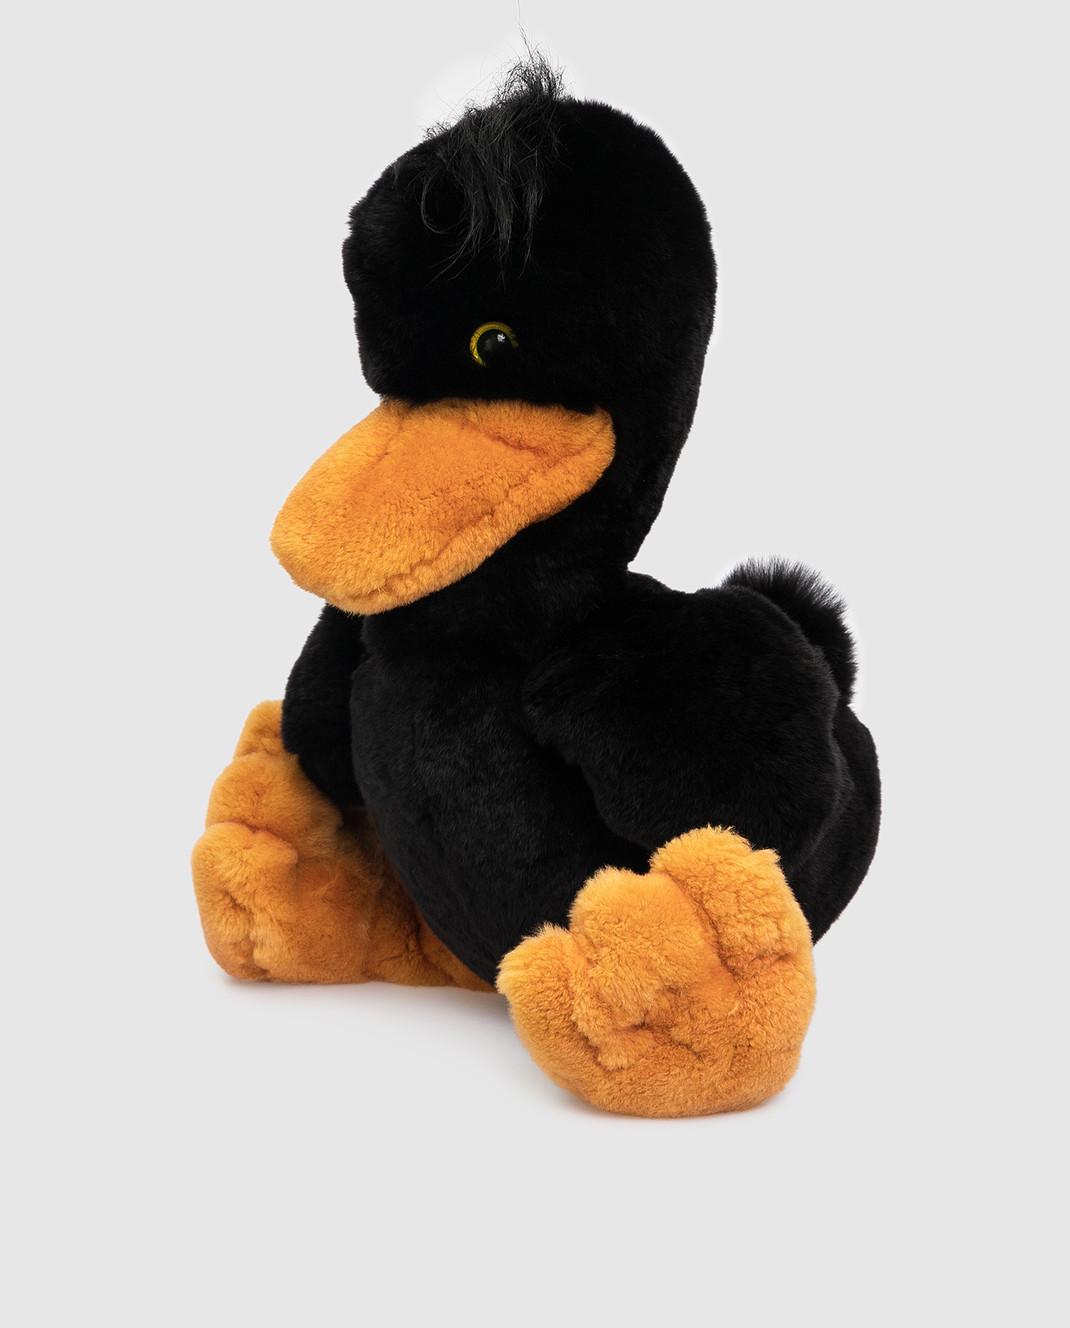 Real Furs House Детская черная игрушка утка изображение 2